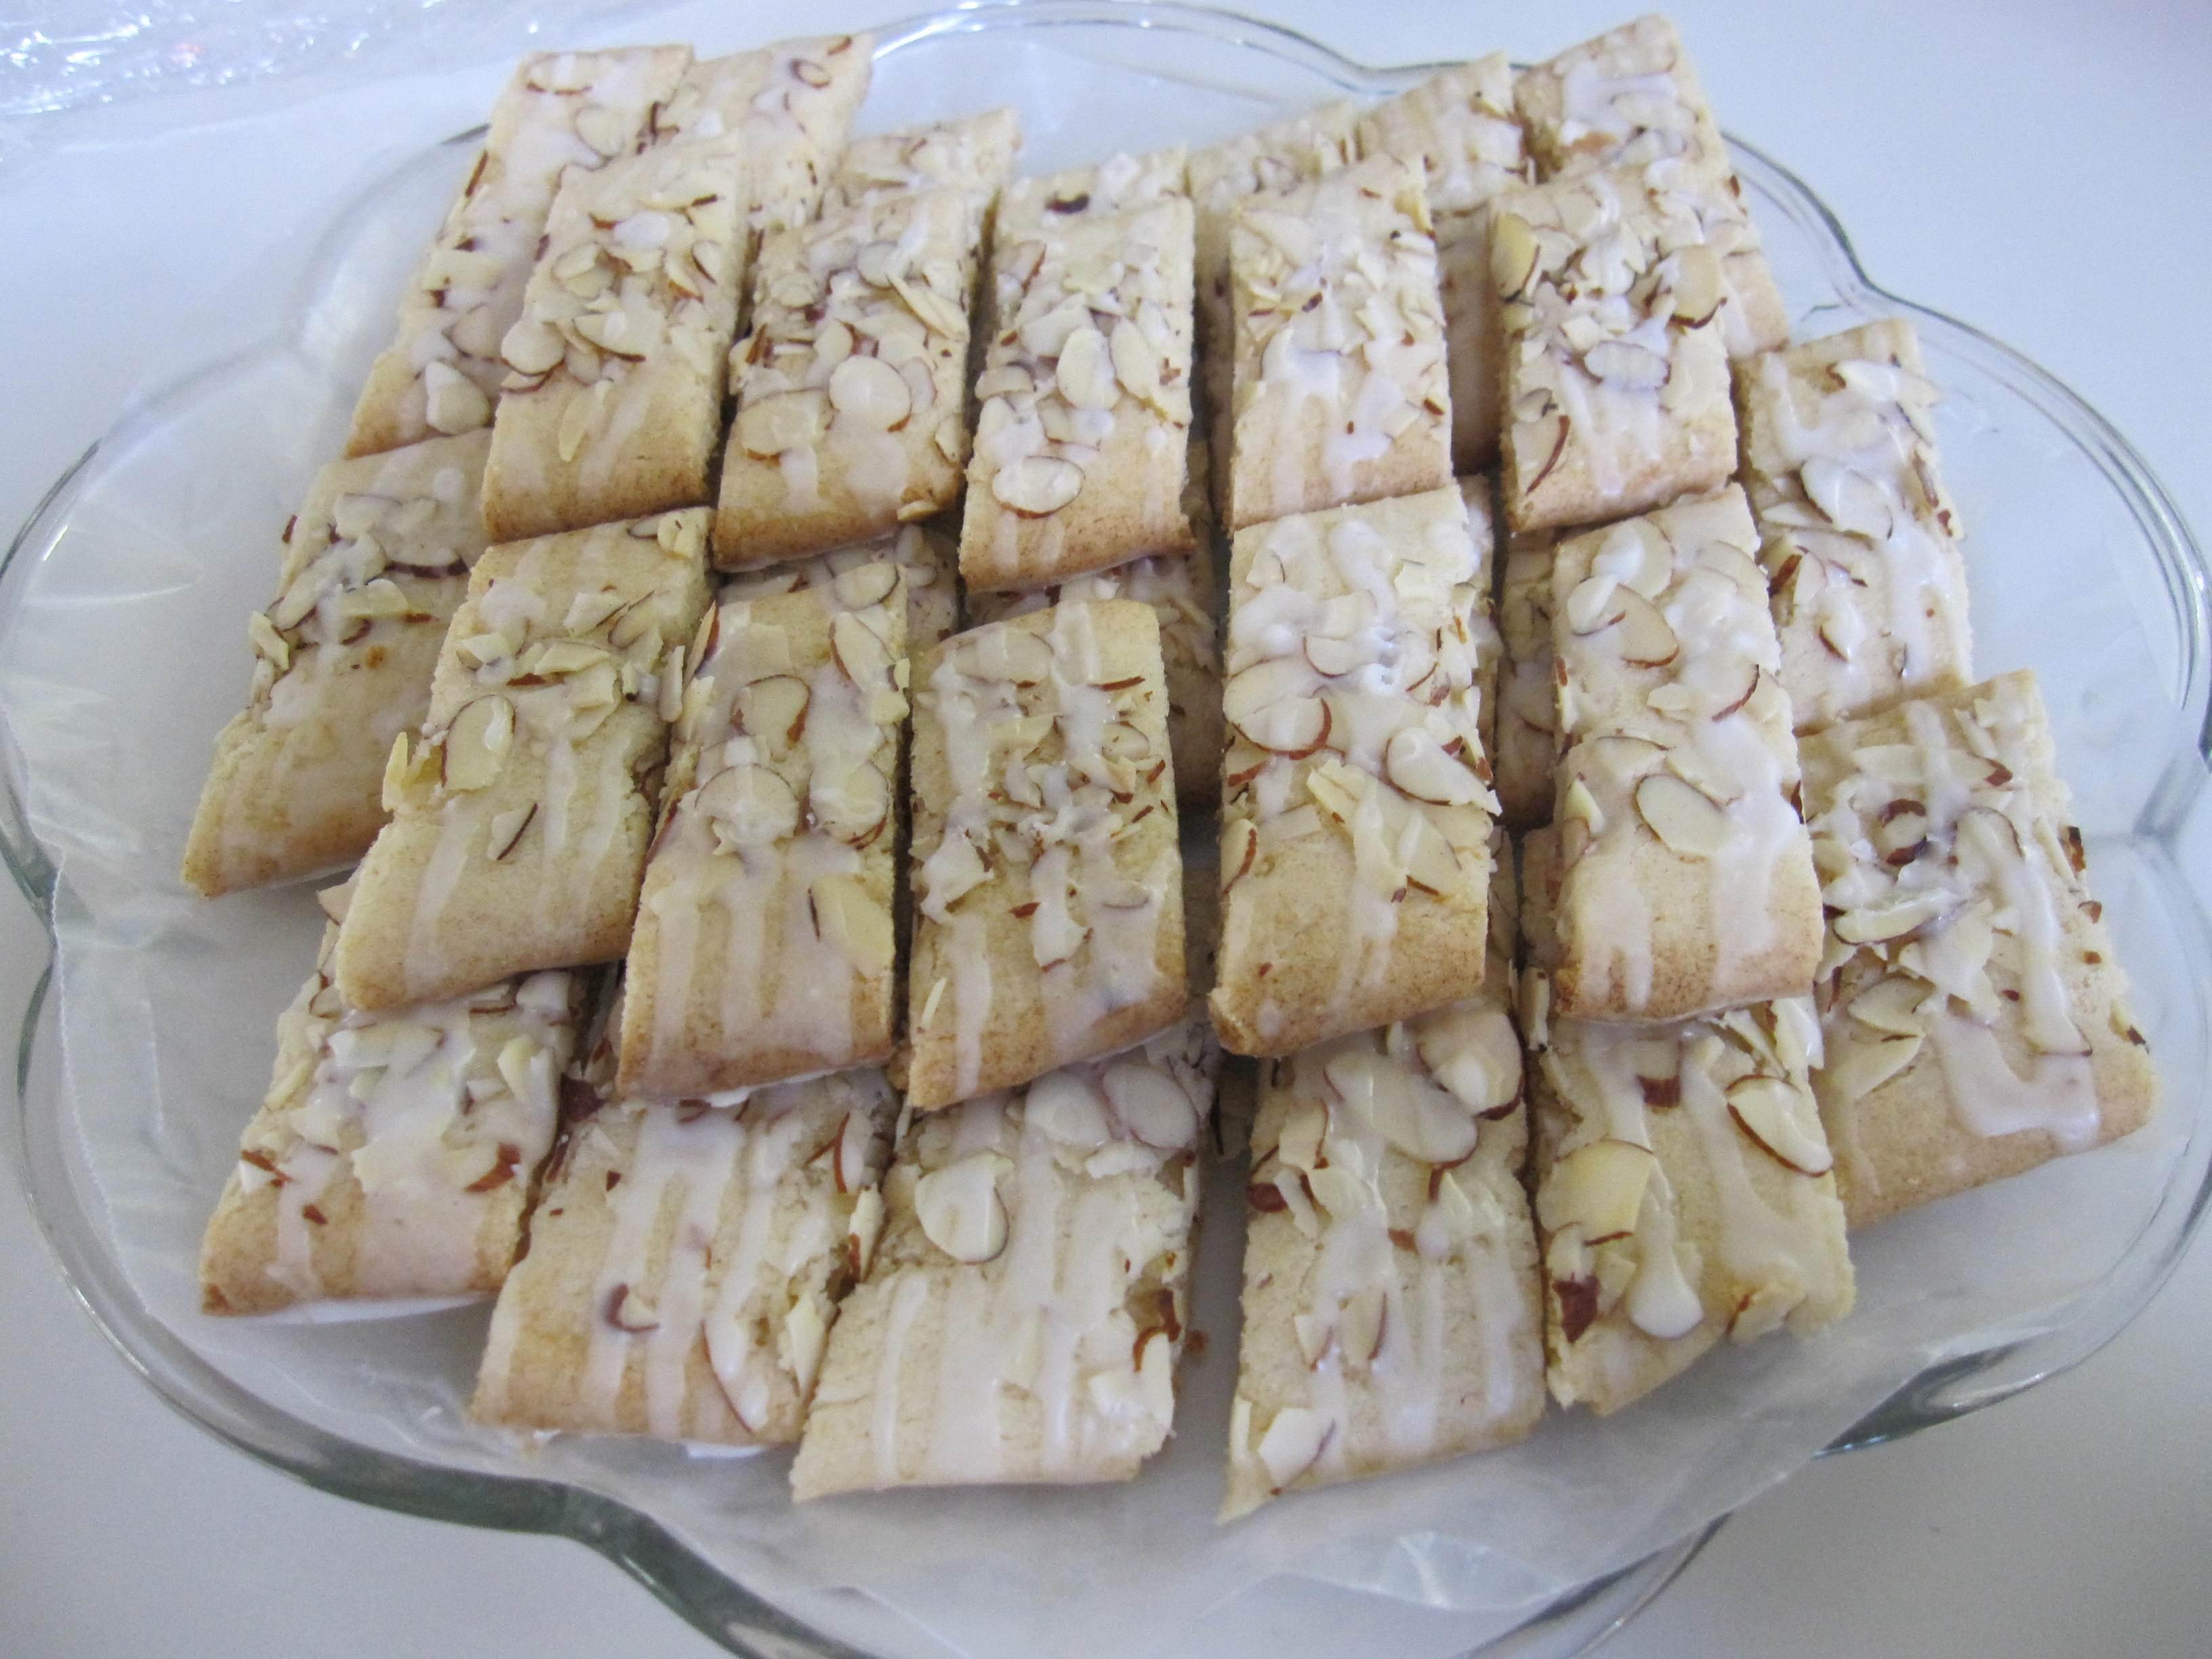 Scandinavian Christmas Cookies  Scandinavian Almond Bars Moms Own Words